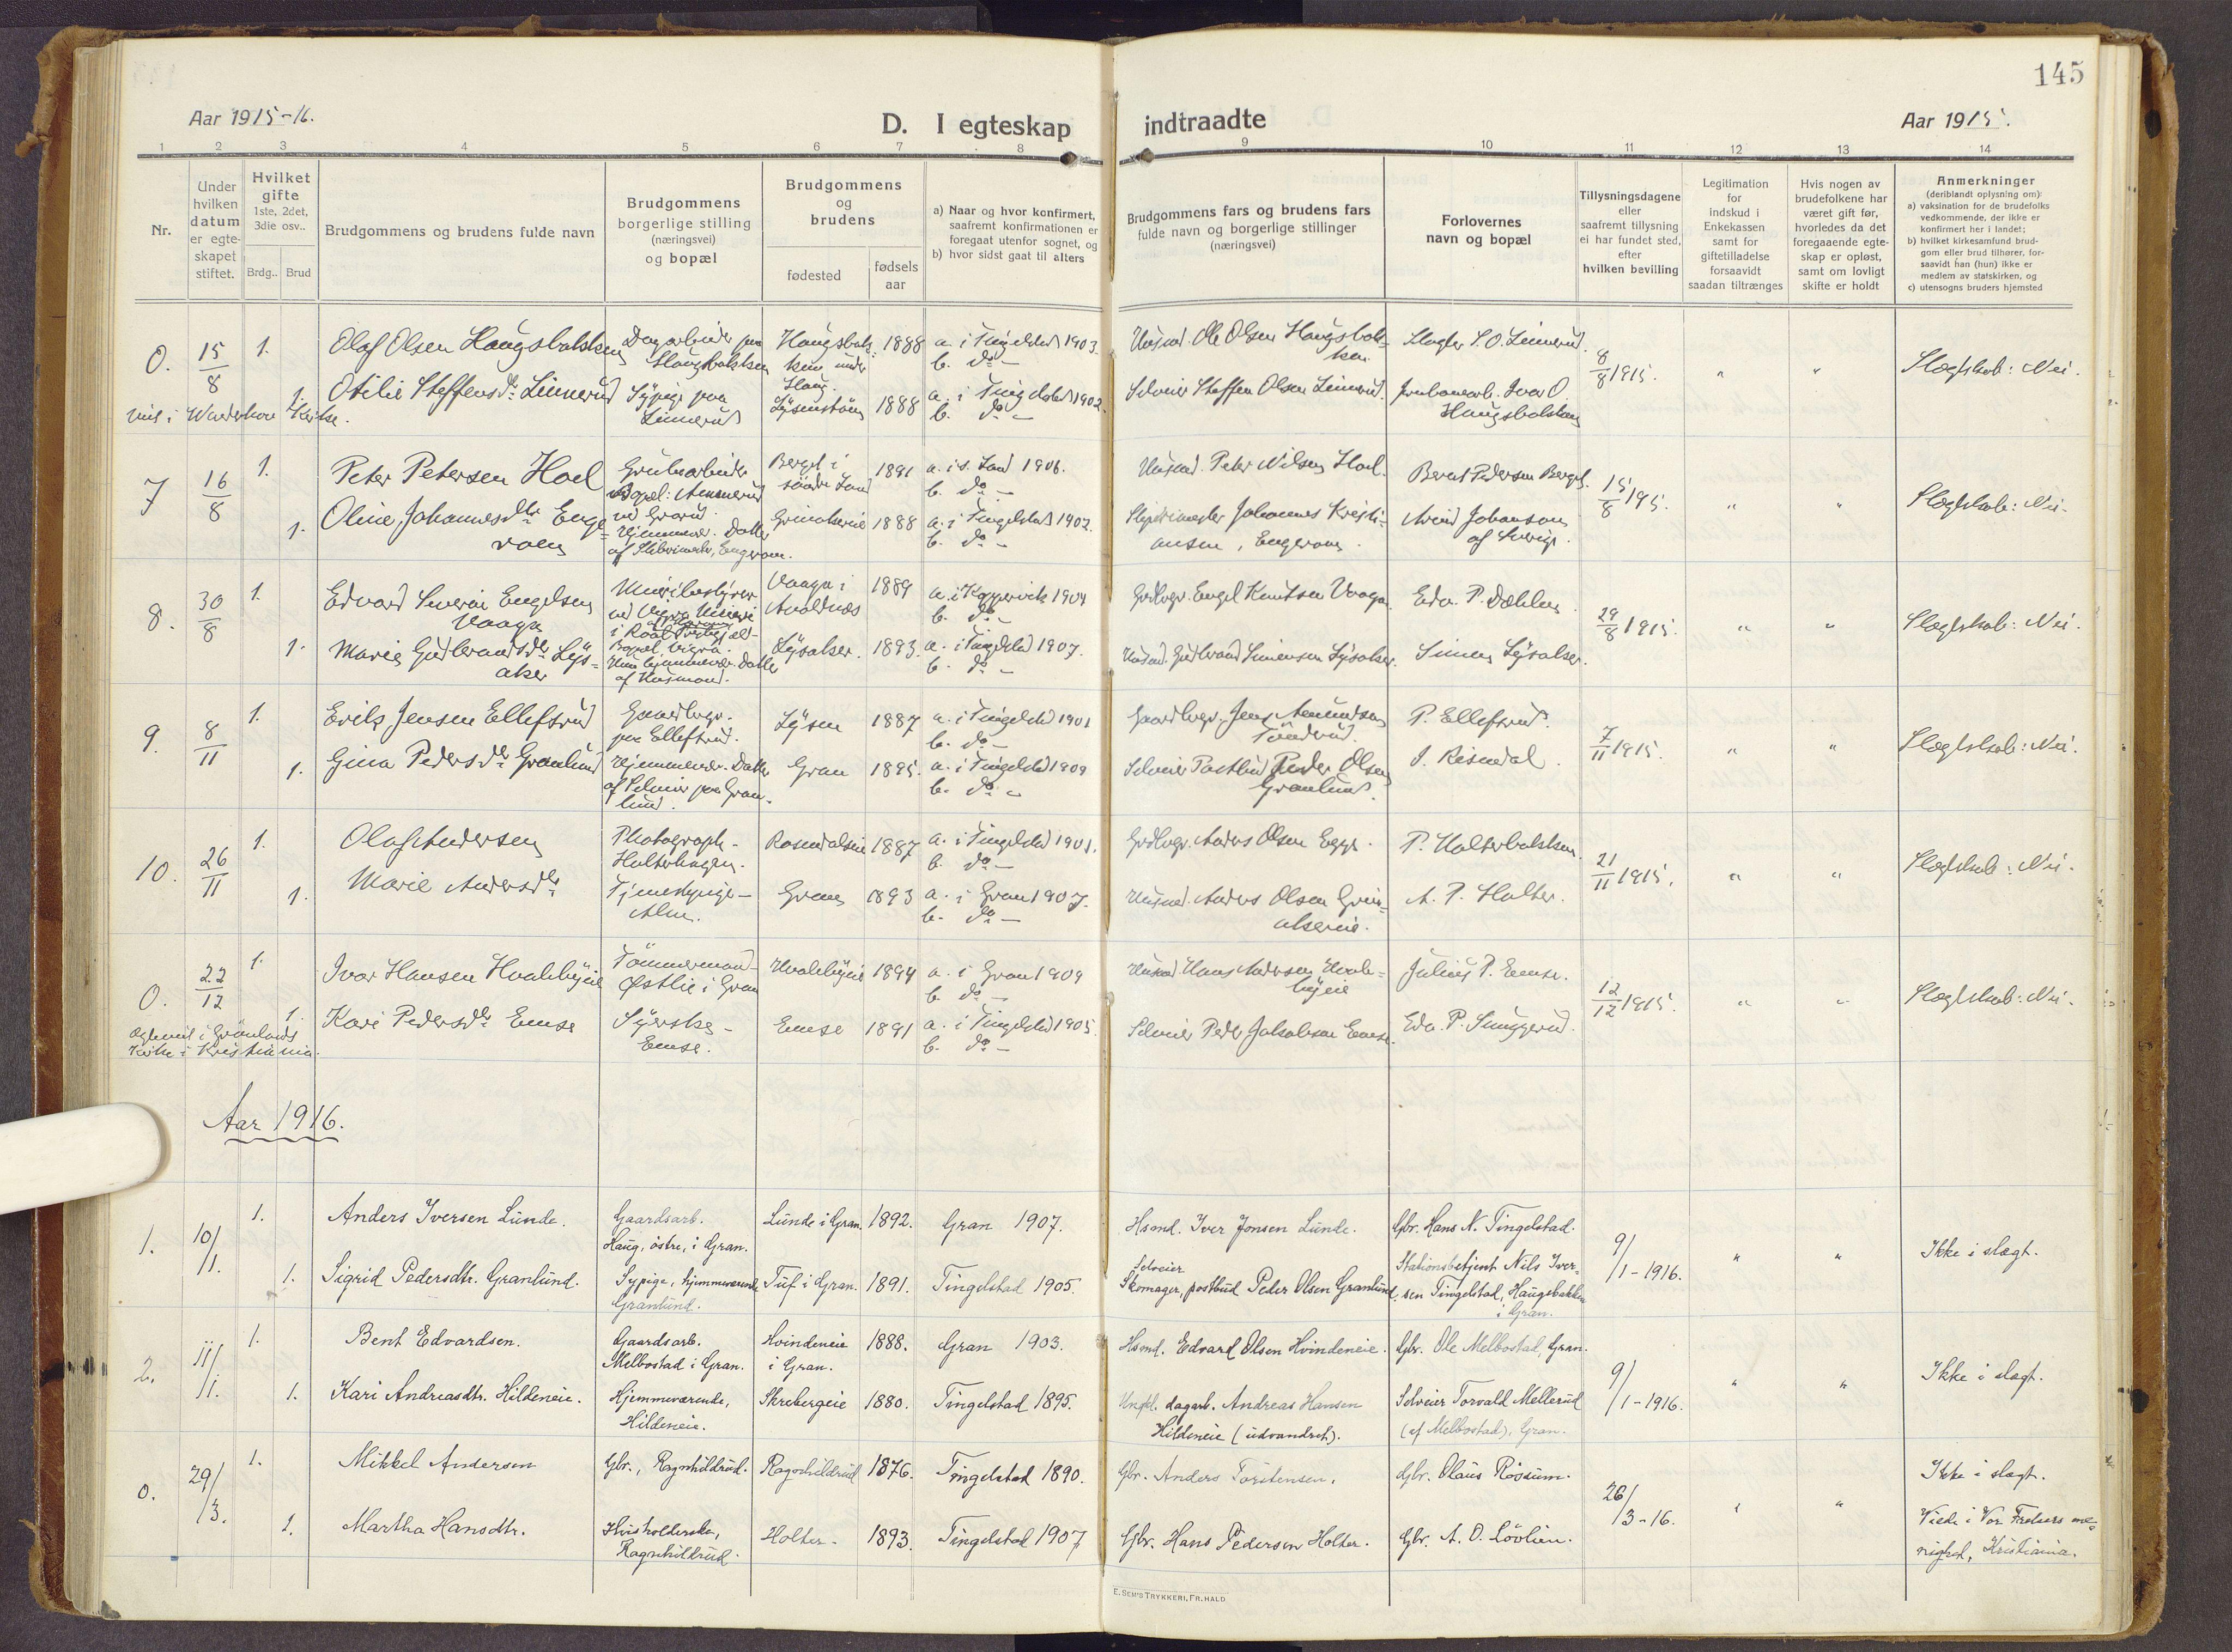 SAH, Brandbu prestekontor, Ministerialbok nr. 3, 1914-1928, s. 145